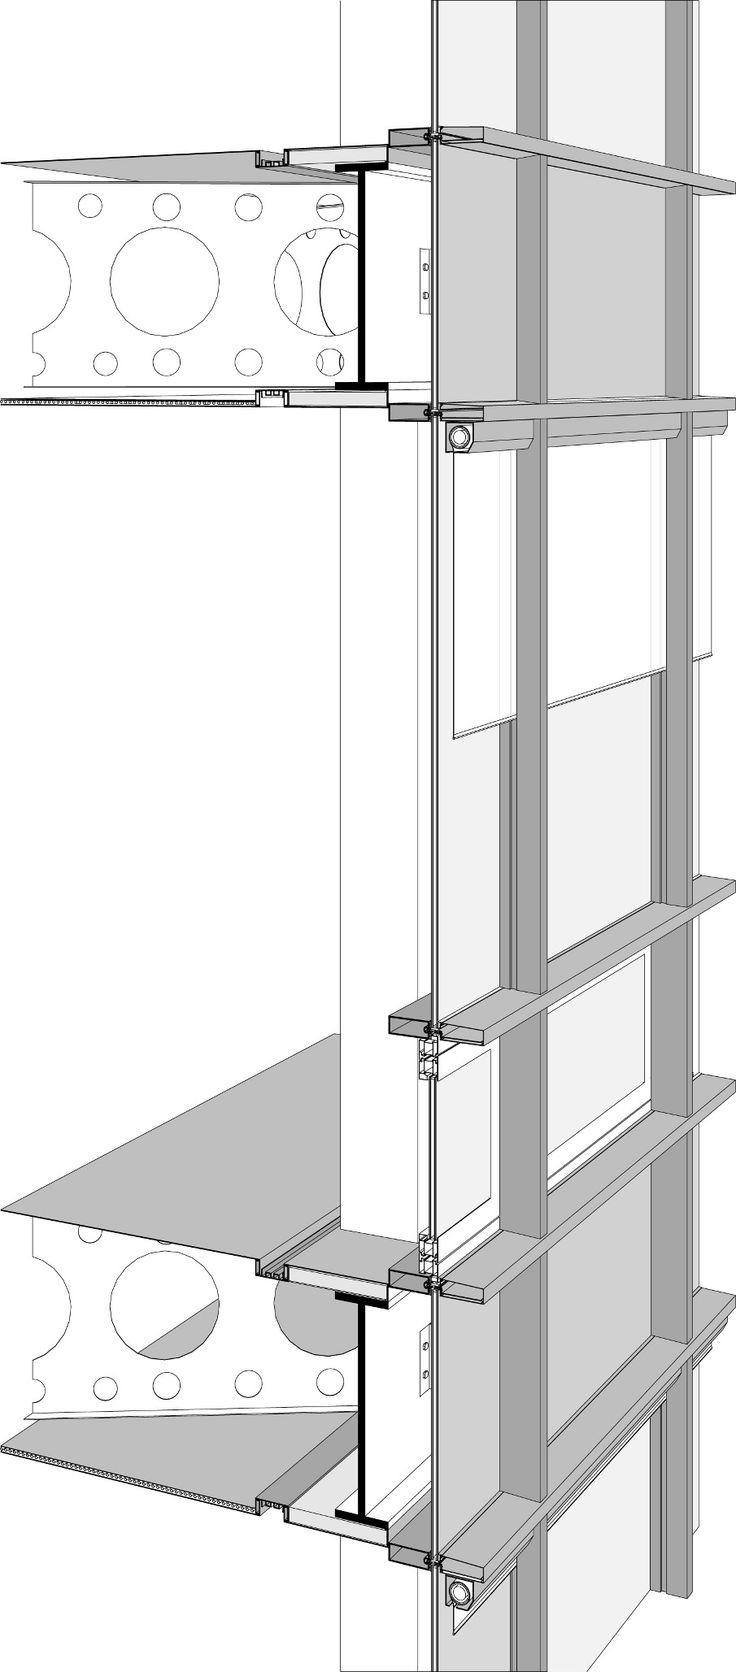 http://cargocollective.com/daniellemcdonough/MORPH-Future-Use-Design